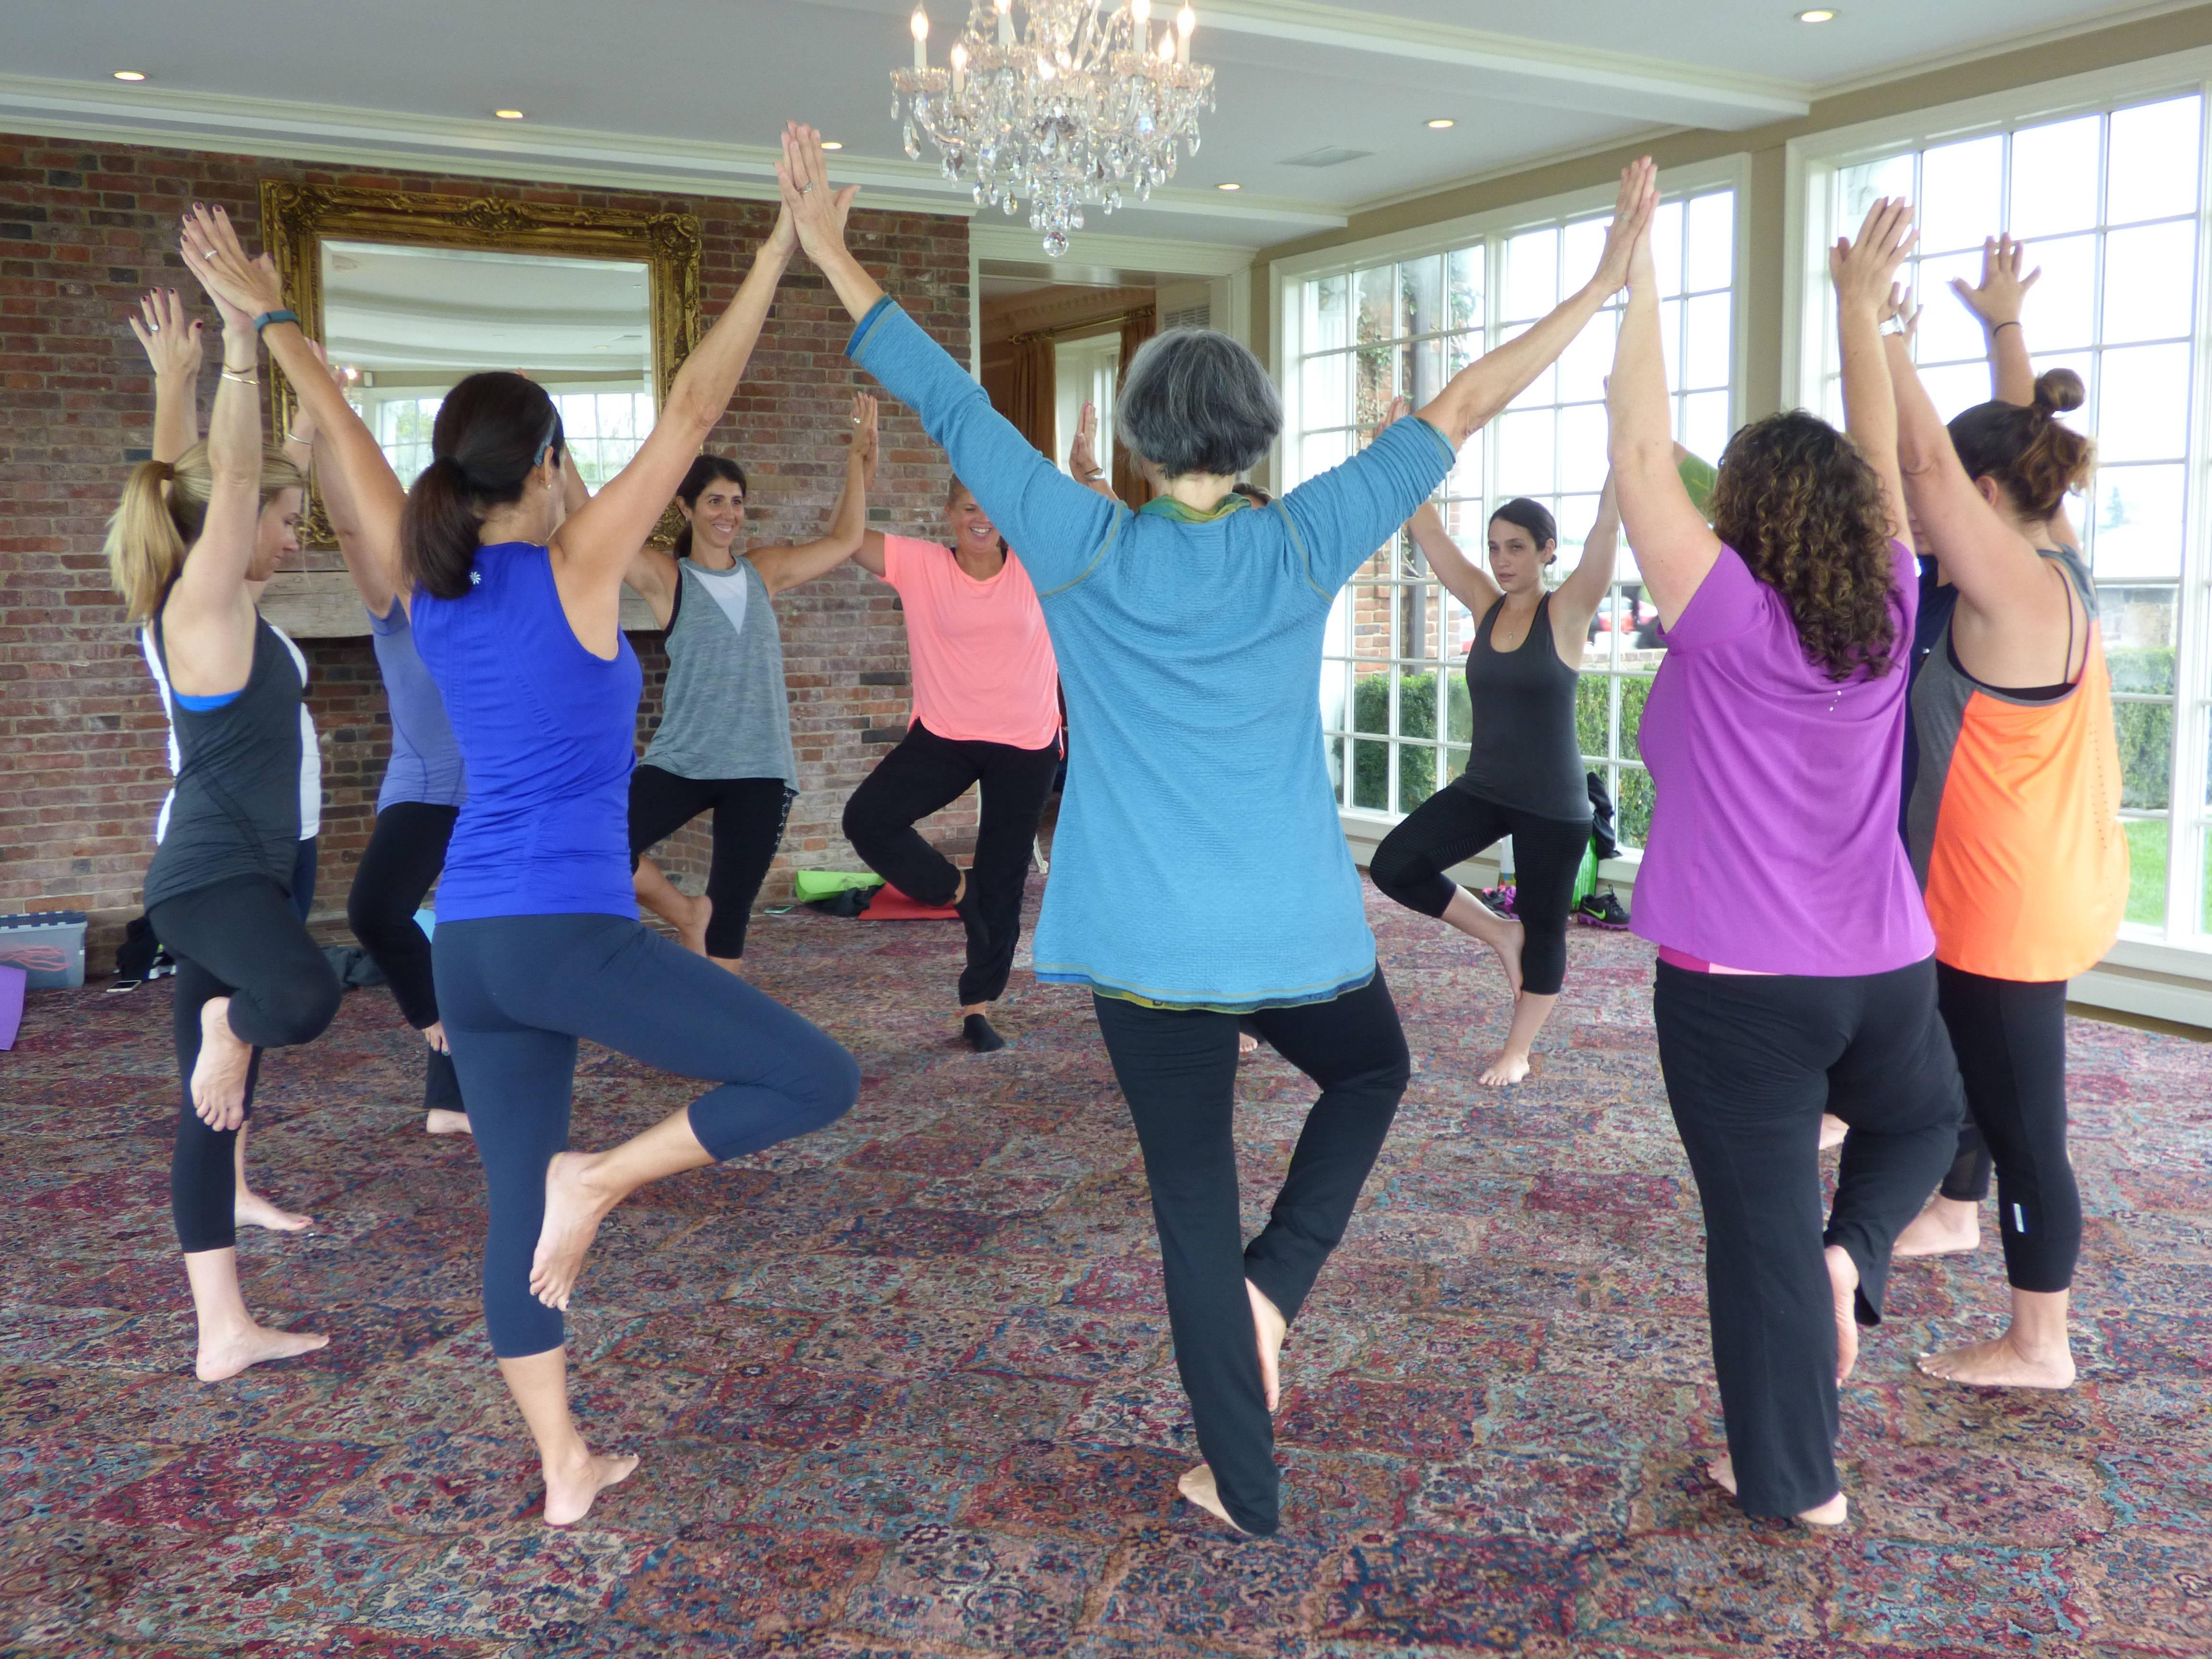 cb1375e572498ec1c77f_Our_yoga_ladies_feeling_zen.JPG